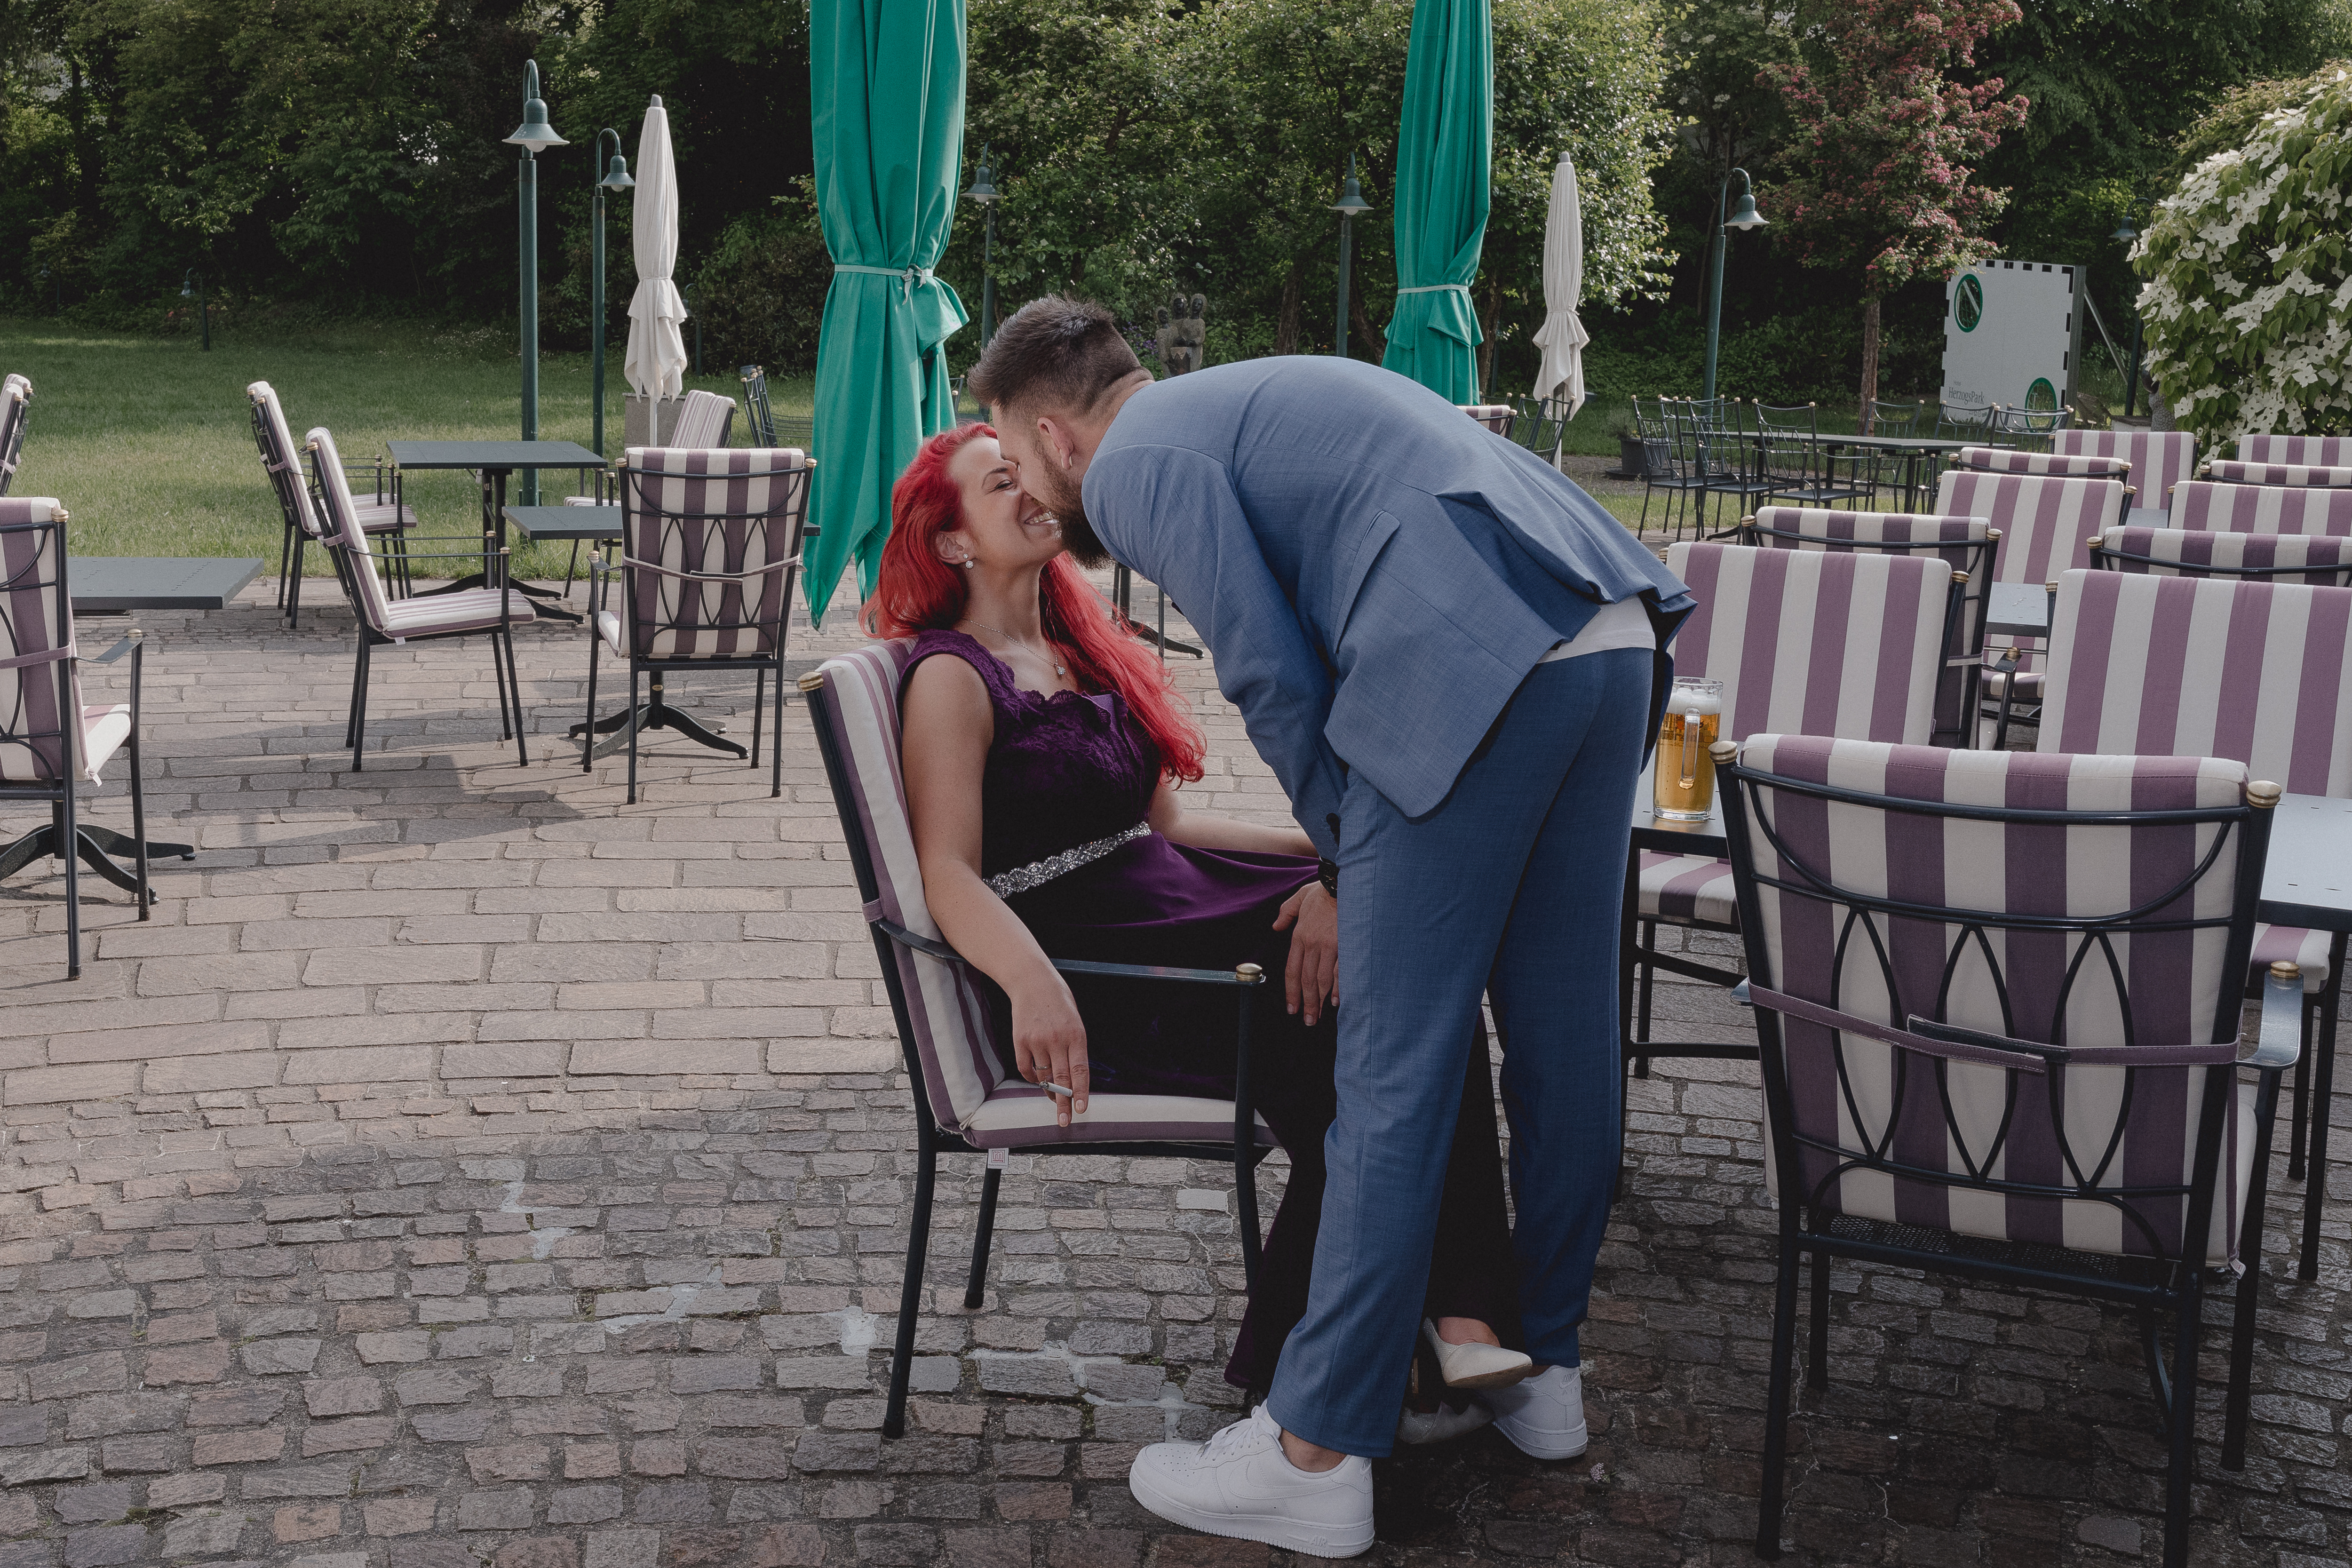 URBANERIE_Daniela_Goth_Vintage_Hochzeitsfotografin_Nuernberg_Fuerth_Erlangen_180519_1205